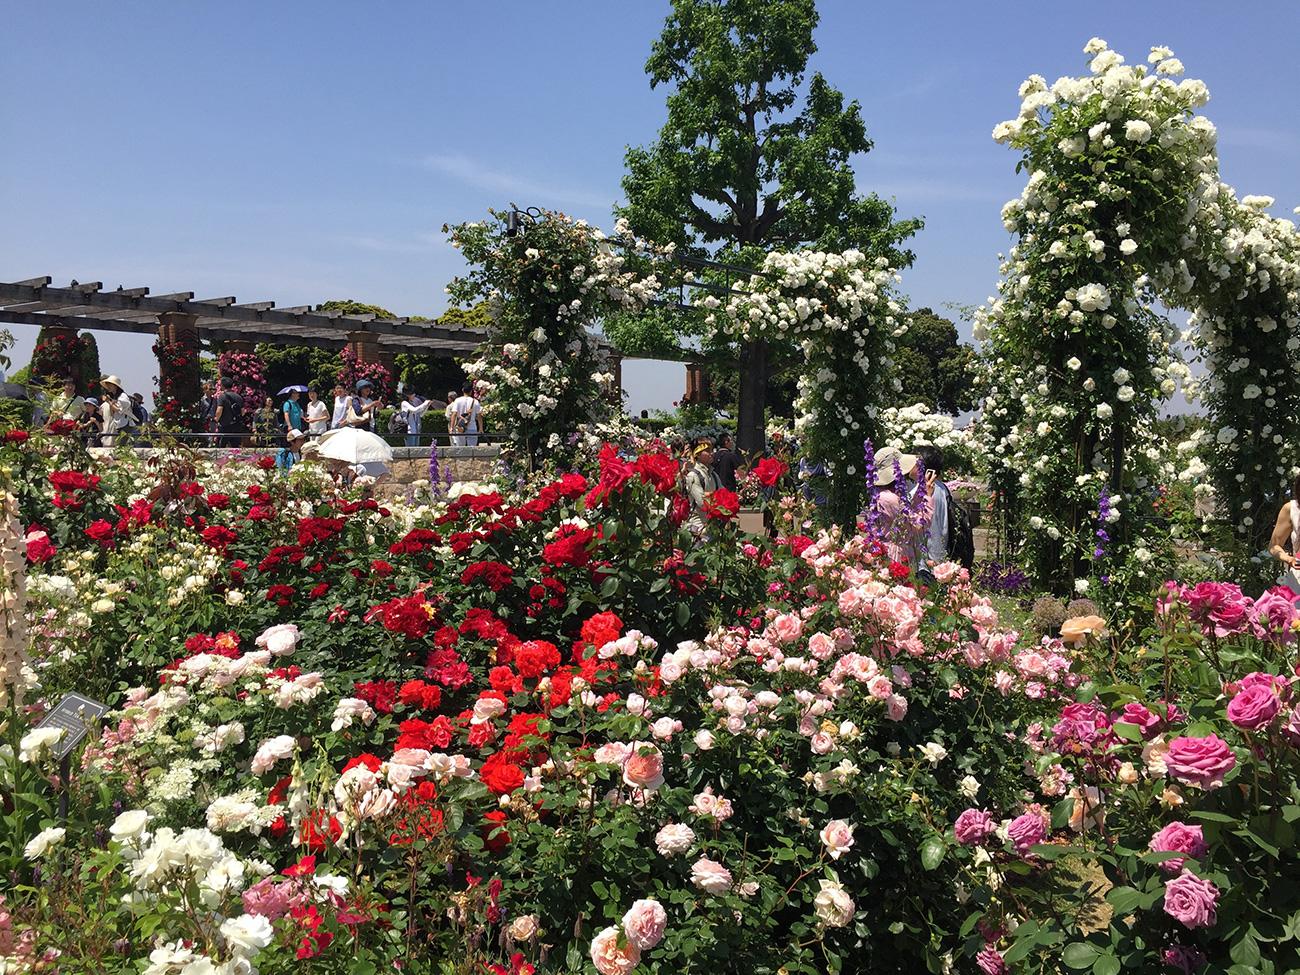 香りや色彩などテーマが異なる様々なバラ園